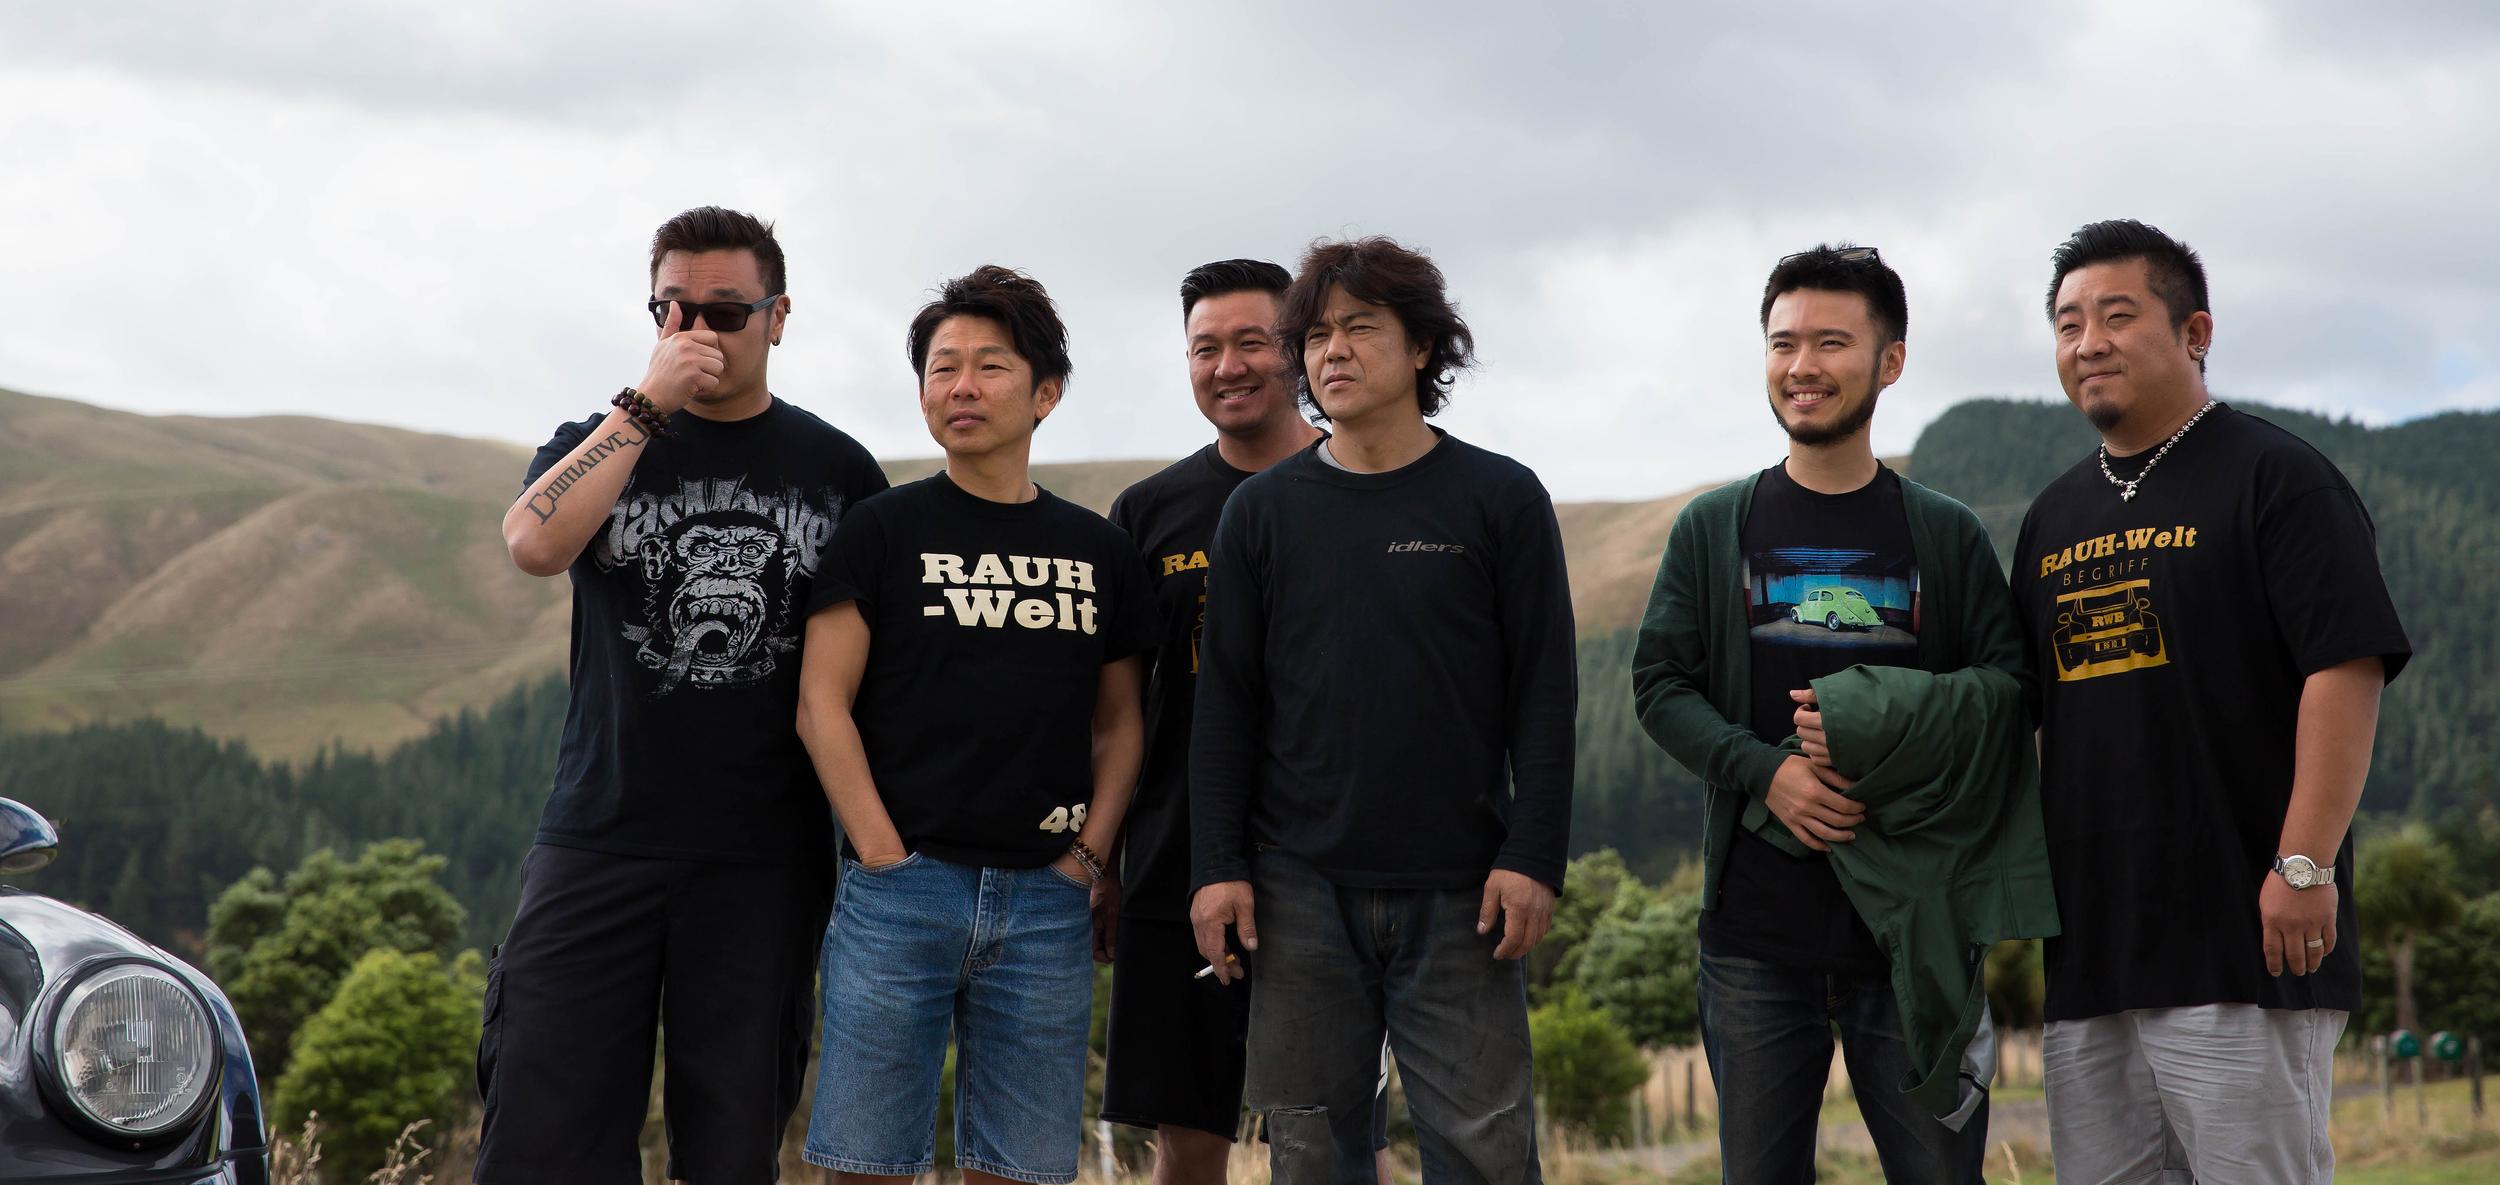 Christian Coujin, Ichiraku Toshiya, Anthony Wong, Akira Nakai, Chern Wong, and Nan Su.